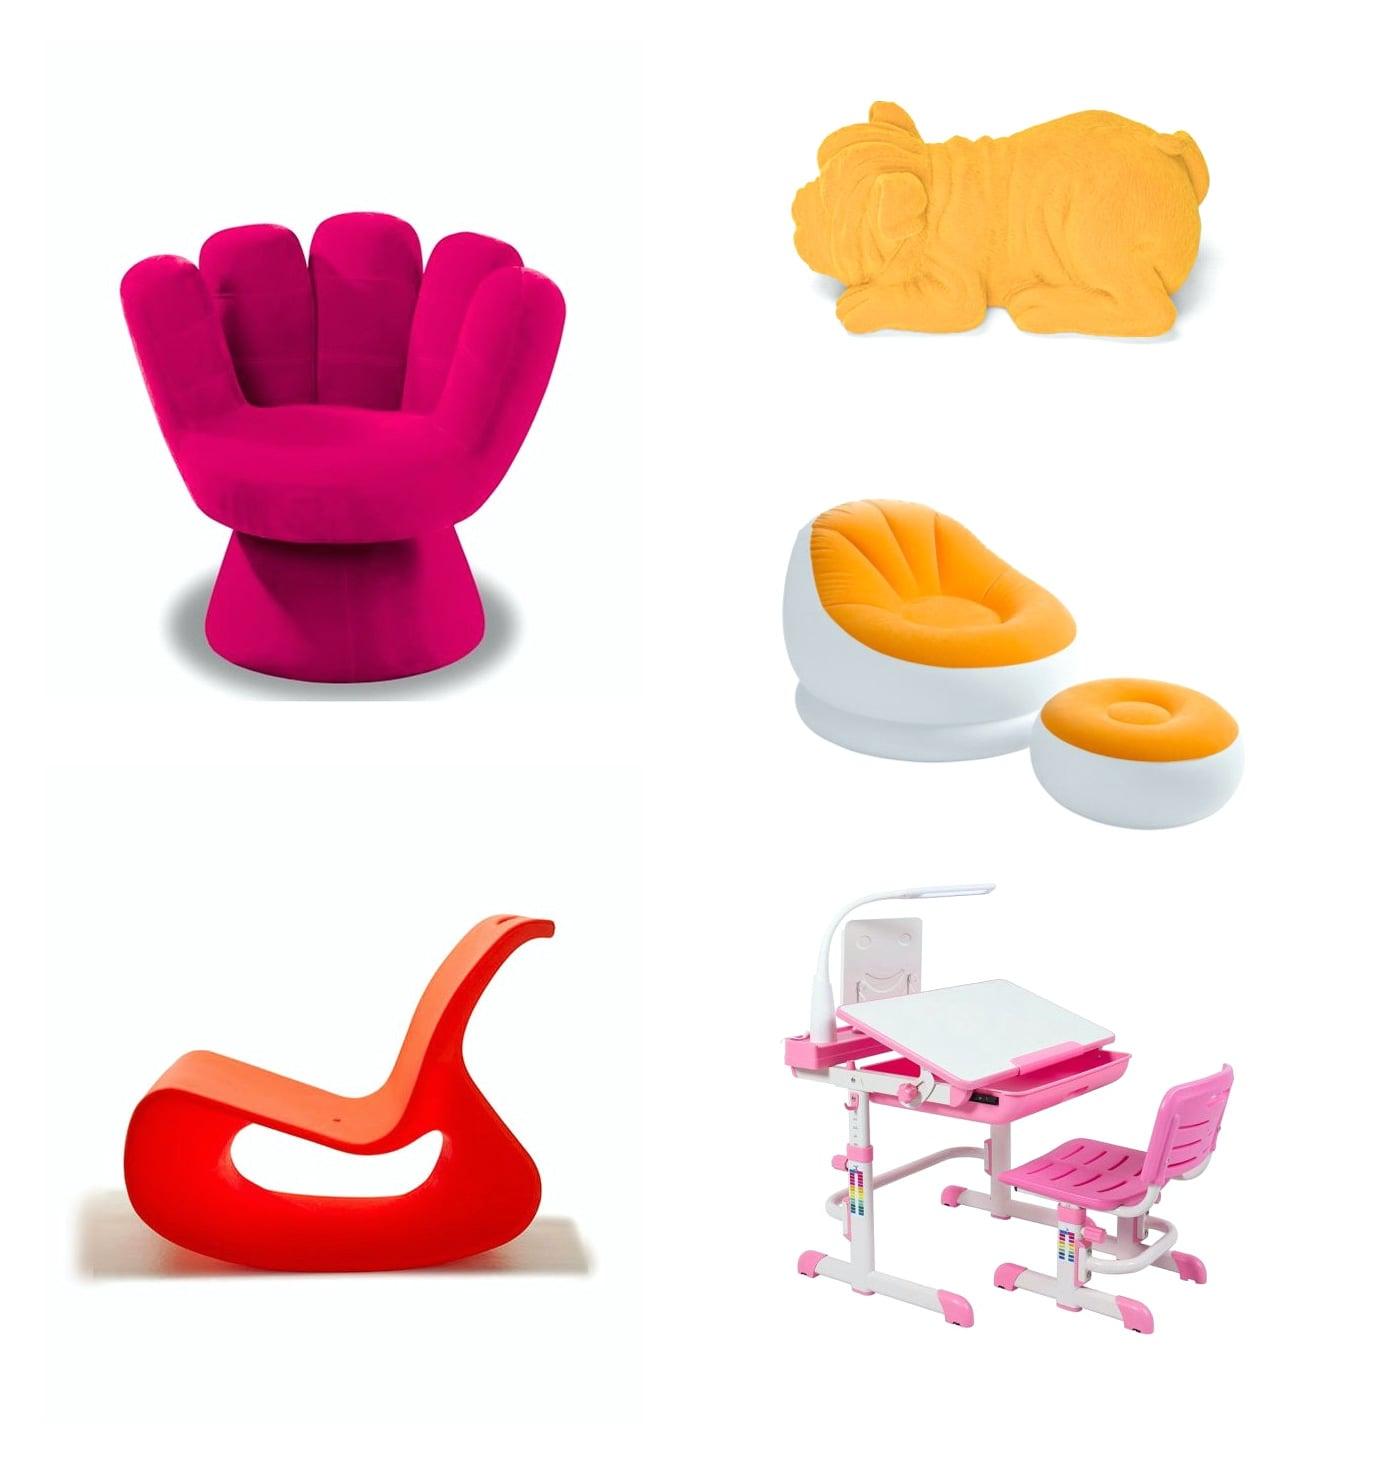 мебель для детской комнаты девочки фото 2